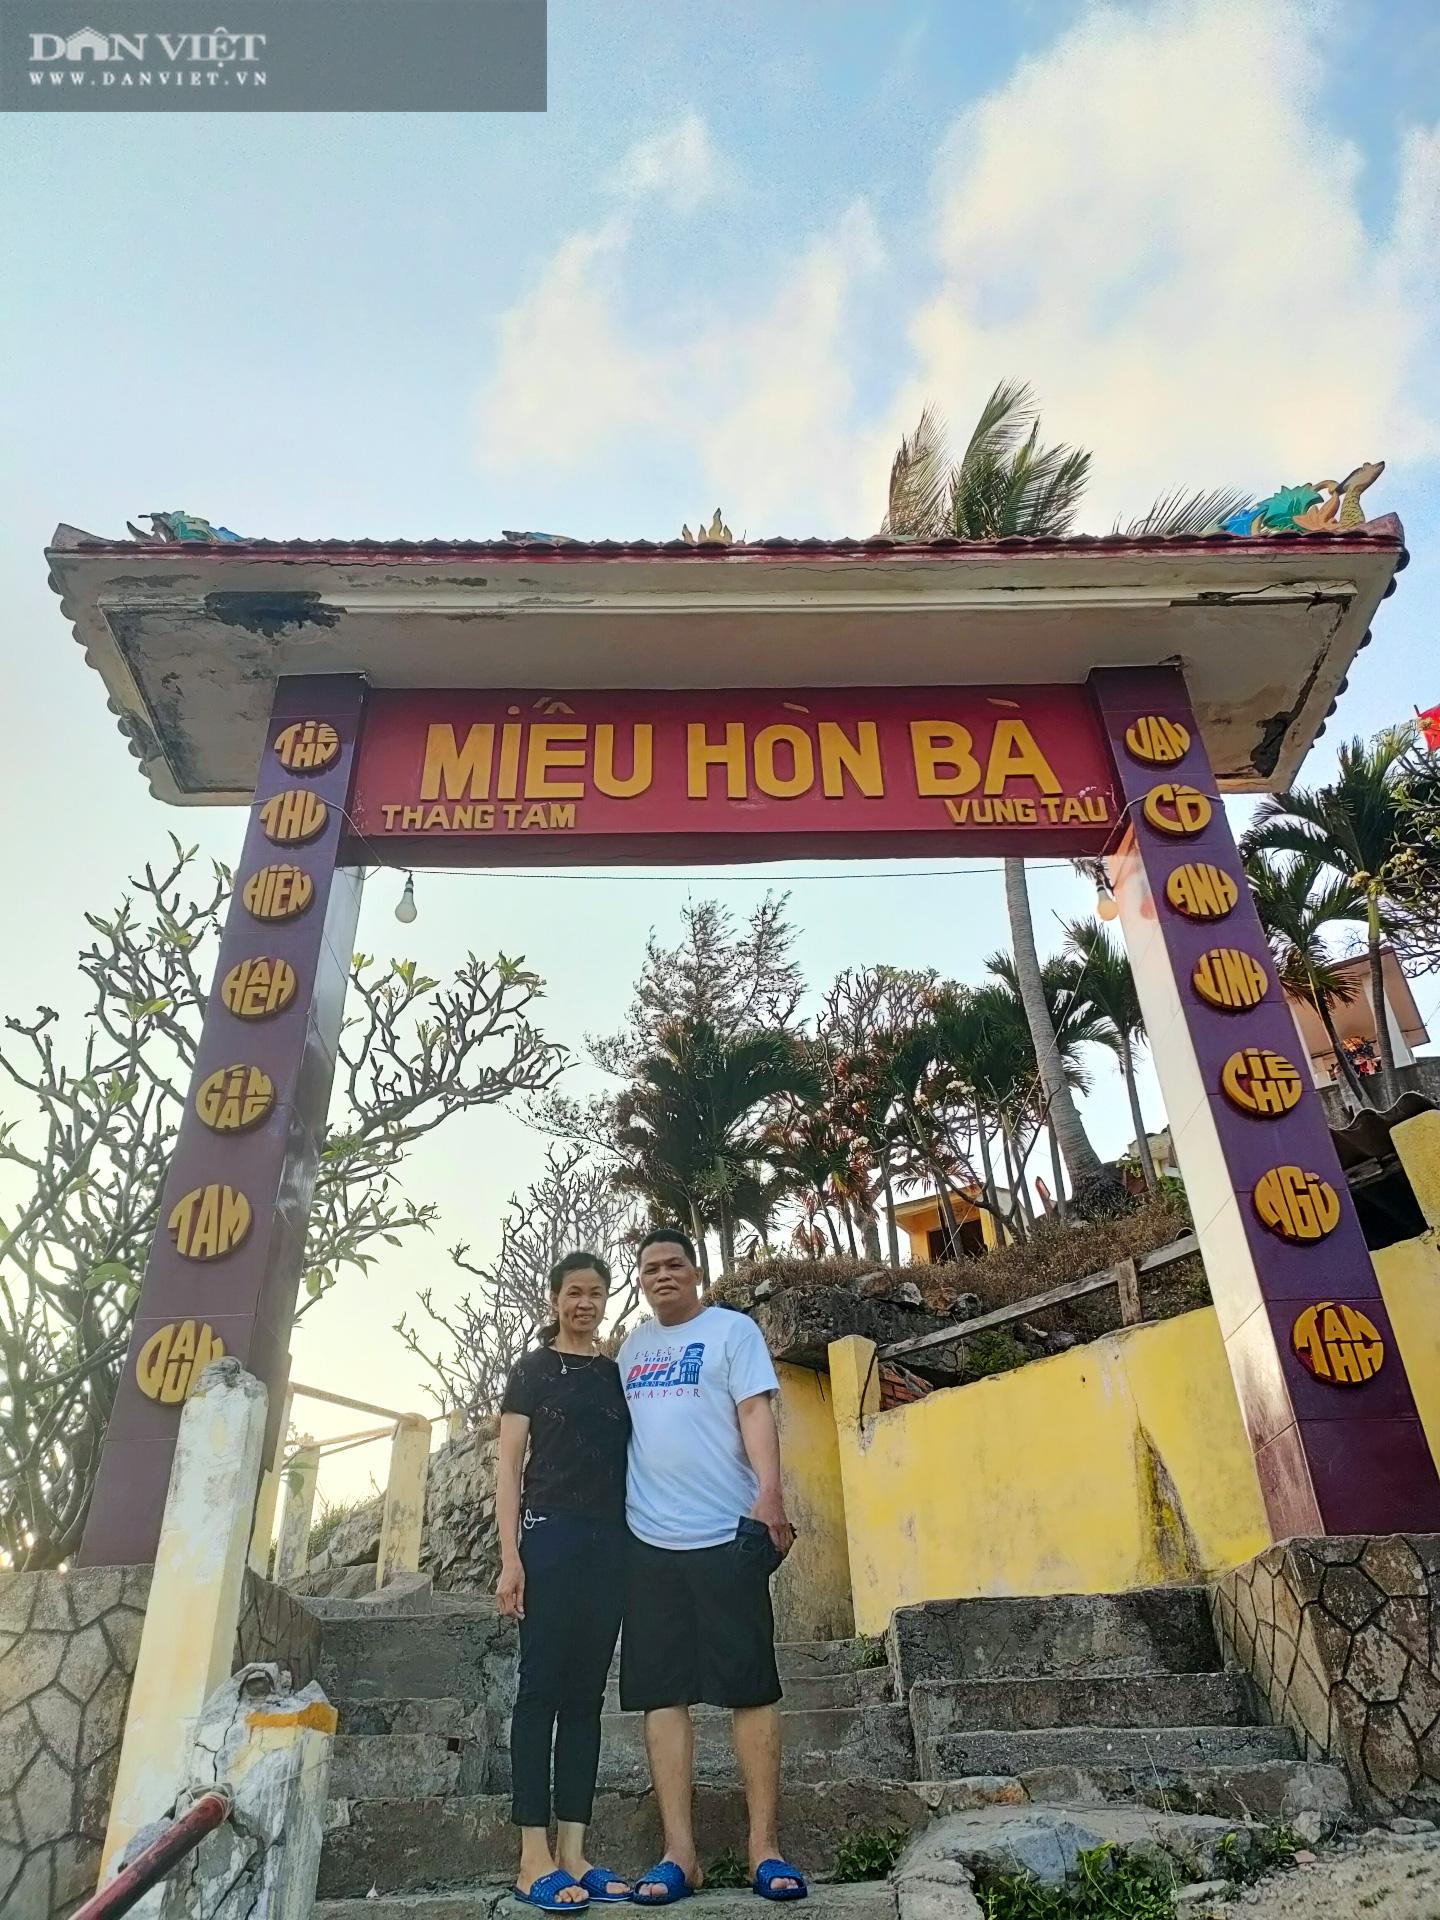 """Canh """"giờ vàng"""" lần theo con đường bí ẩn dưới nước đến thăm ngôi miếu có vị trí đặc biệt nhất Việt Nam - Ảnh 5."""